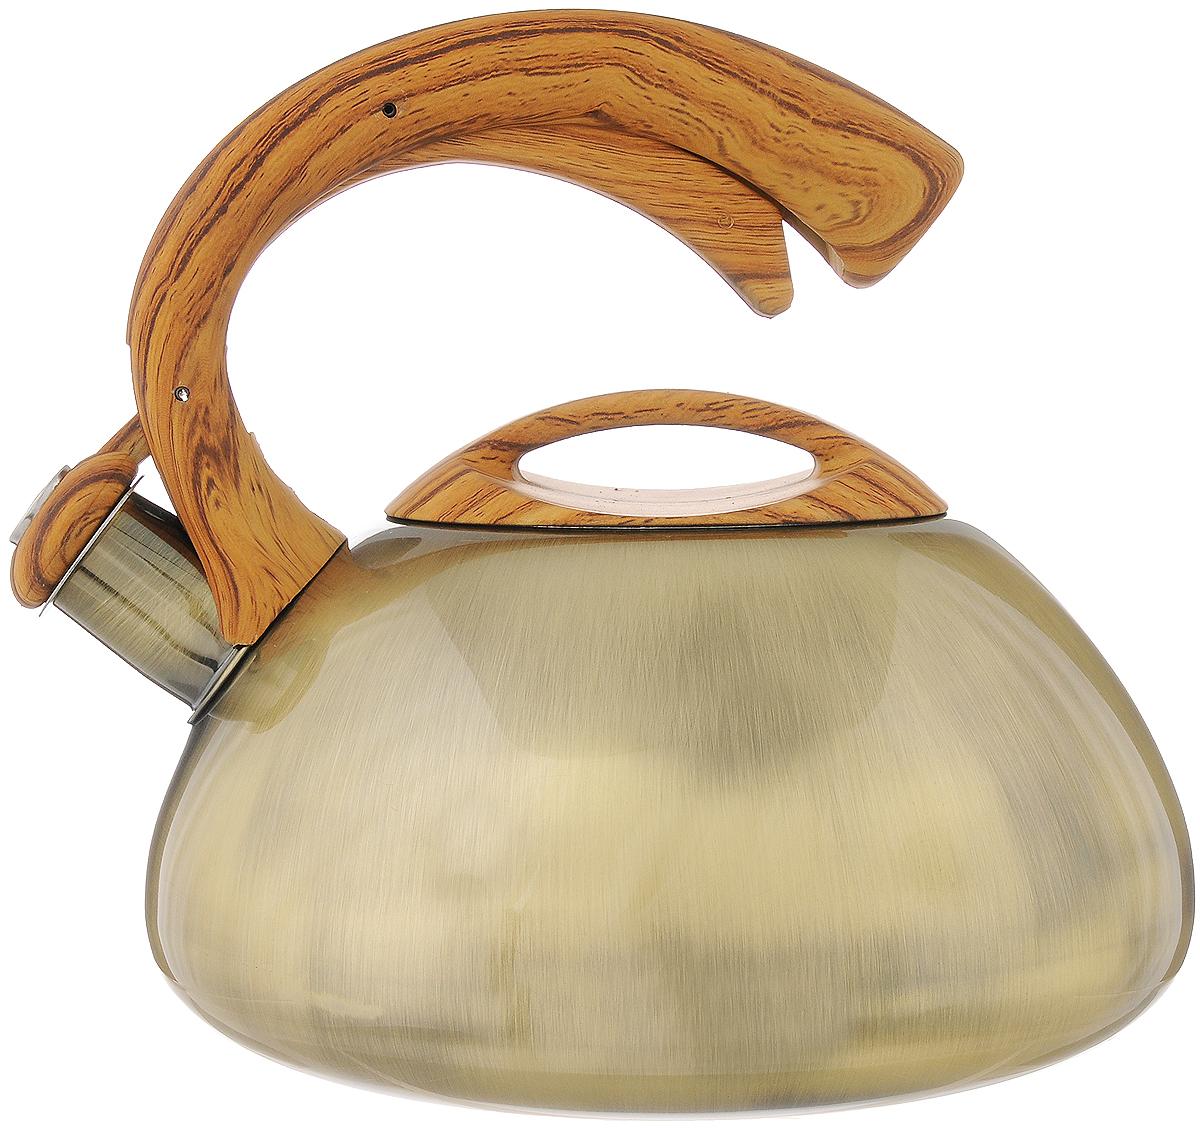 Чайник Bekker Koch со свистком, 3 л. BK-S424ВК-S424Чайник Bekker Koch изготовлен из высококачественной нержавеющей стали 18/10. Цельнометаллическое дно распределяет тепло по всей поверхности, что позволяет чайнику быстро закипать. Крышка и эргономичная фиксированная ручка выполнены под дерево из бакелита с приятным на ощупь прорезиненным покрытием. Носик оснащен откидным свистком, который подскажет, когда вода закипела. Свисток открывается и закрывается нажатием рычага на ручке. Подходит для всех типов плит, включая индукционные. Можно мыть в посудомоечной машине. Диаметр (по верхнему краю): 11 см. Диаметр основания: 22 см. Высота чайника (без учета ручки): 11 см. Высота чайника (с учетом ручки): 21 см.